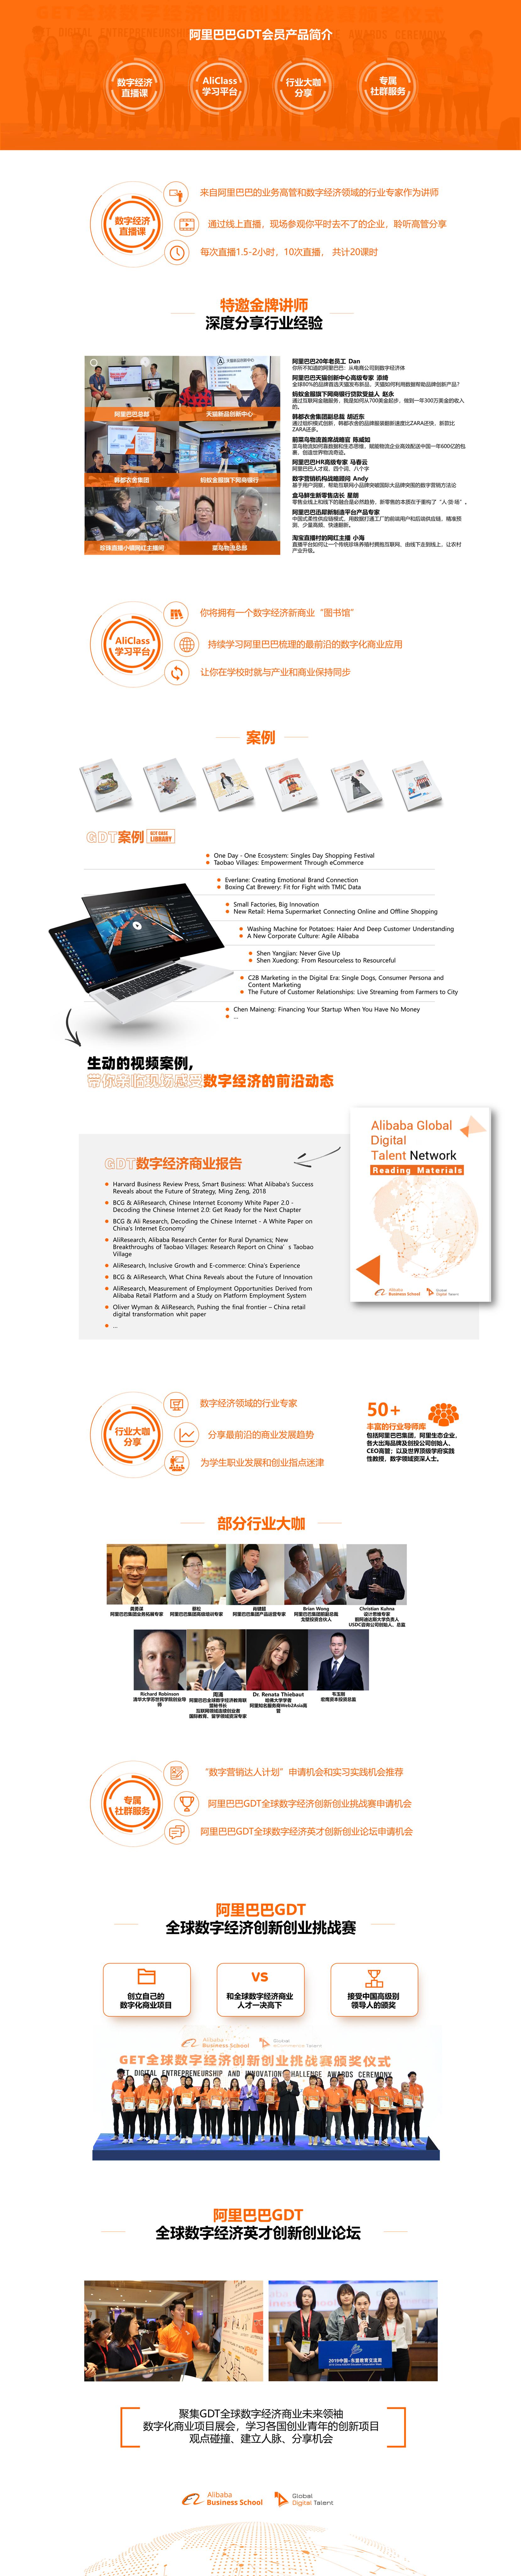 阿里巴巴全球数字英才课程 Alibaba Global Digital Talent Programme (GDT Programme), as known as Alibaba e-Commerce Talent Programme (GET Programme).